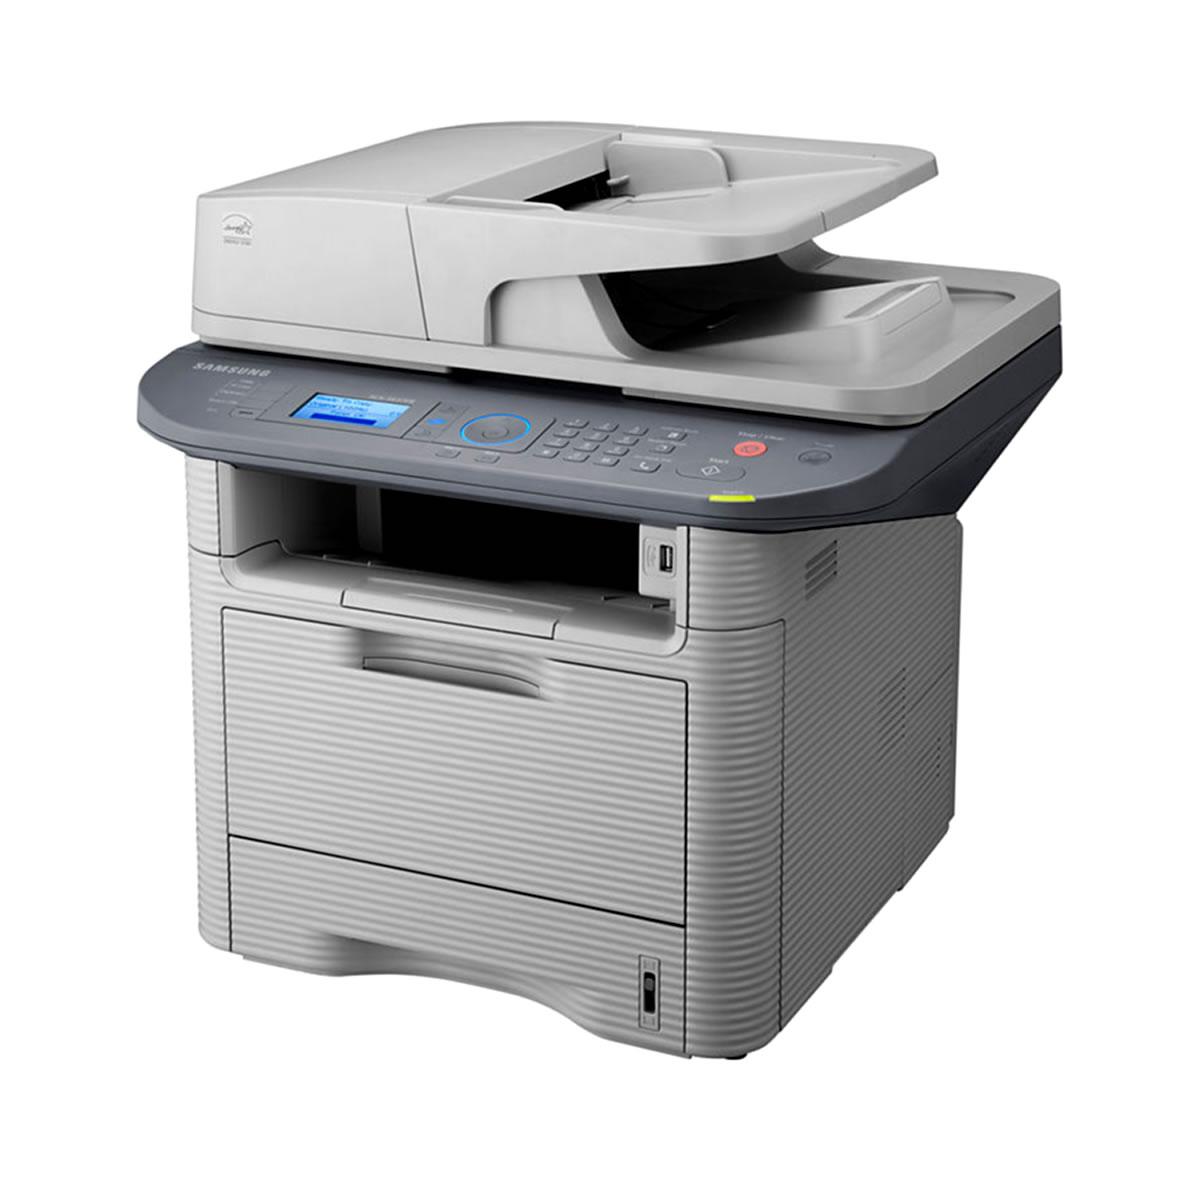 Multifuncional Samsung Laser SCX-5637FR Impressão  Digitalização  Cópia  Fax    Botão Eco 5a626606d4